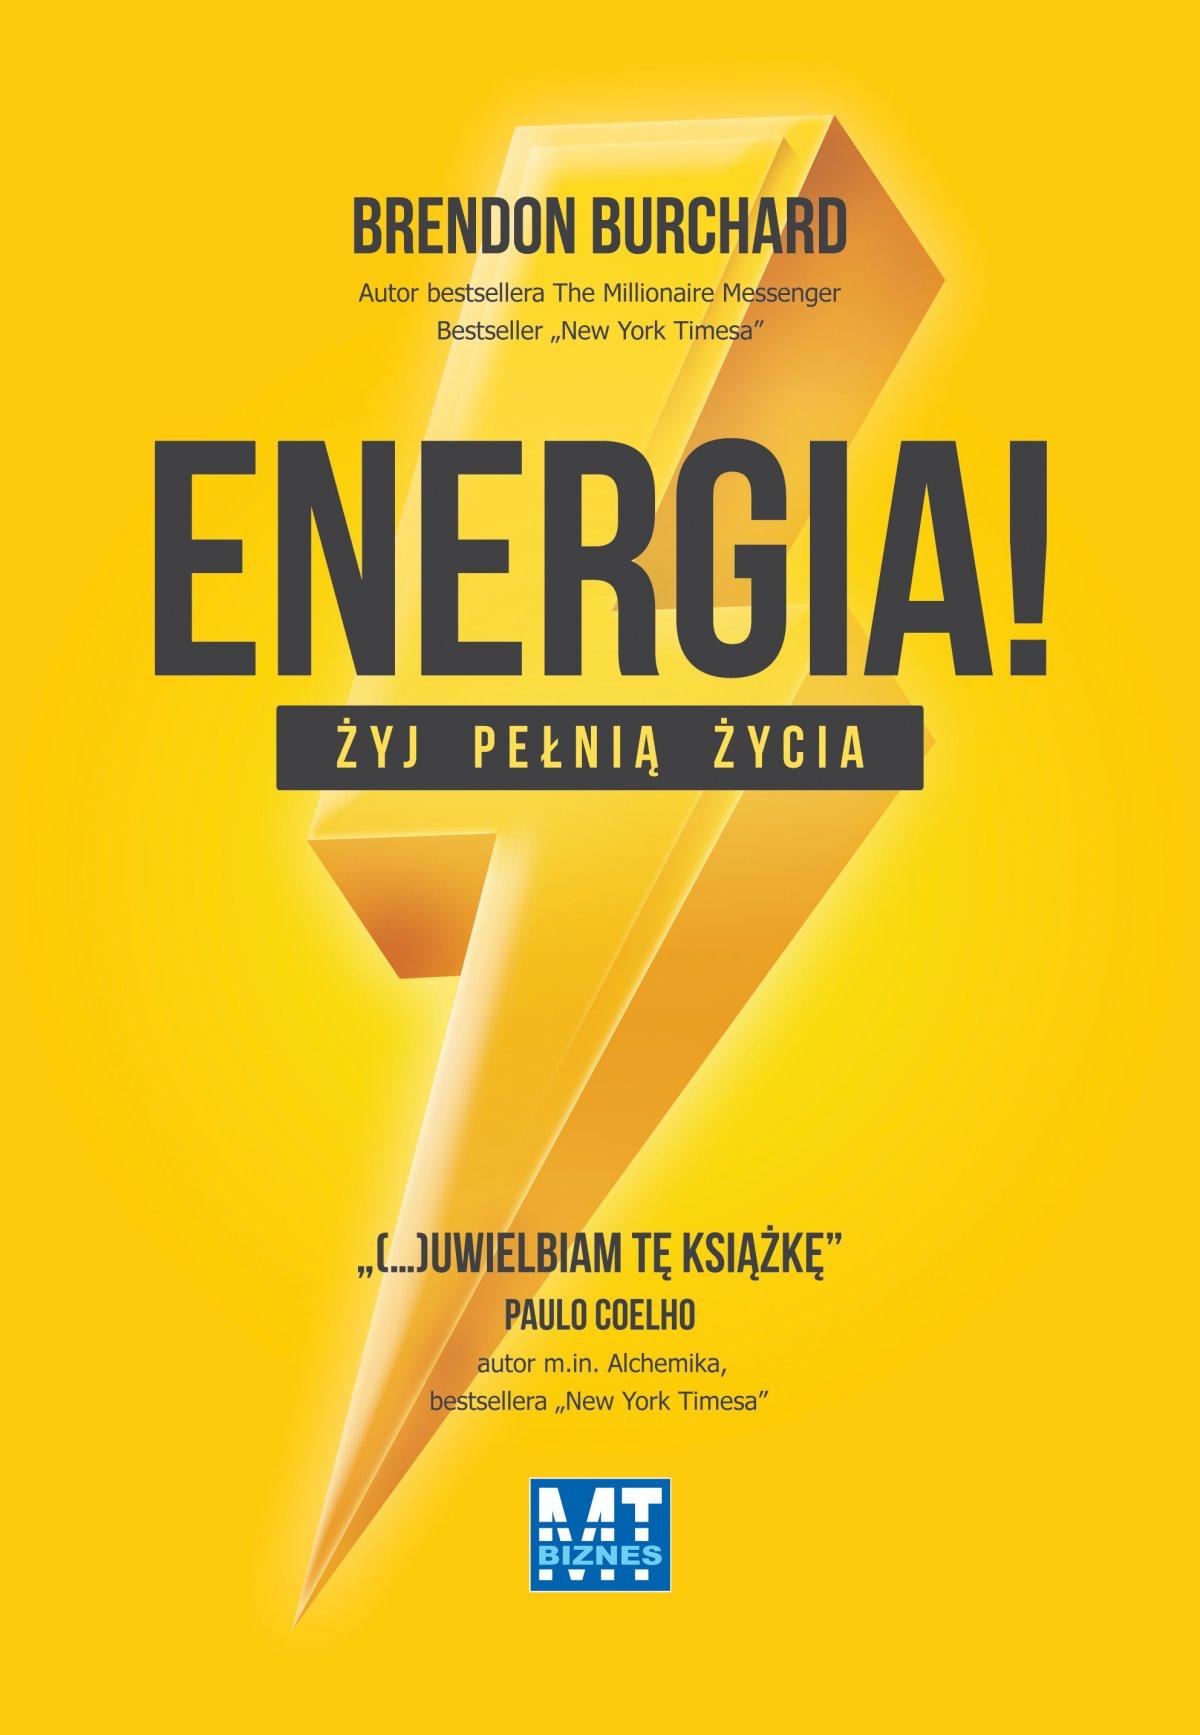 ENERGIA! Żyj pełnią życia, odkryj 10 rodzajów ludzkiej motywacji - Ebook (Książka EPUB) do pobrania w formacie EPUB